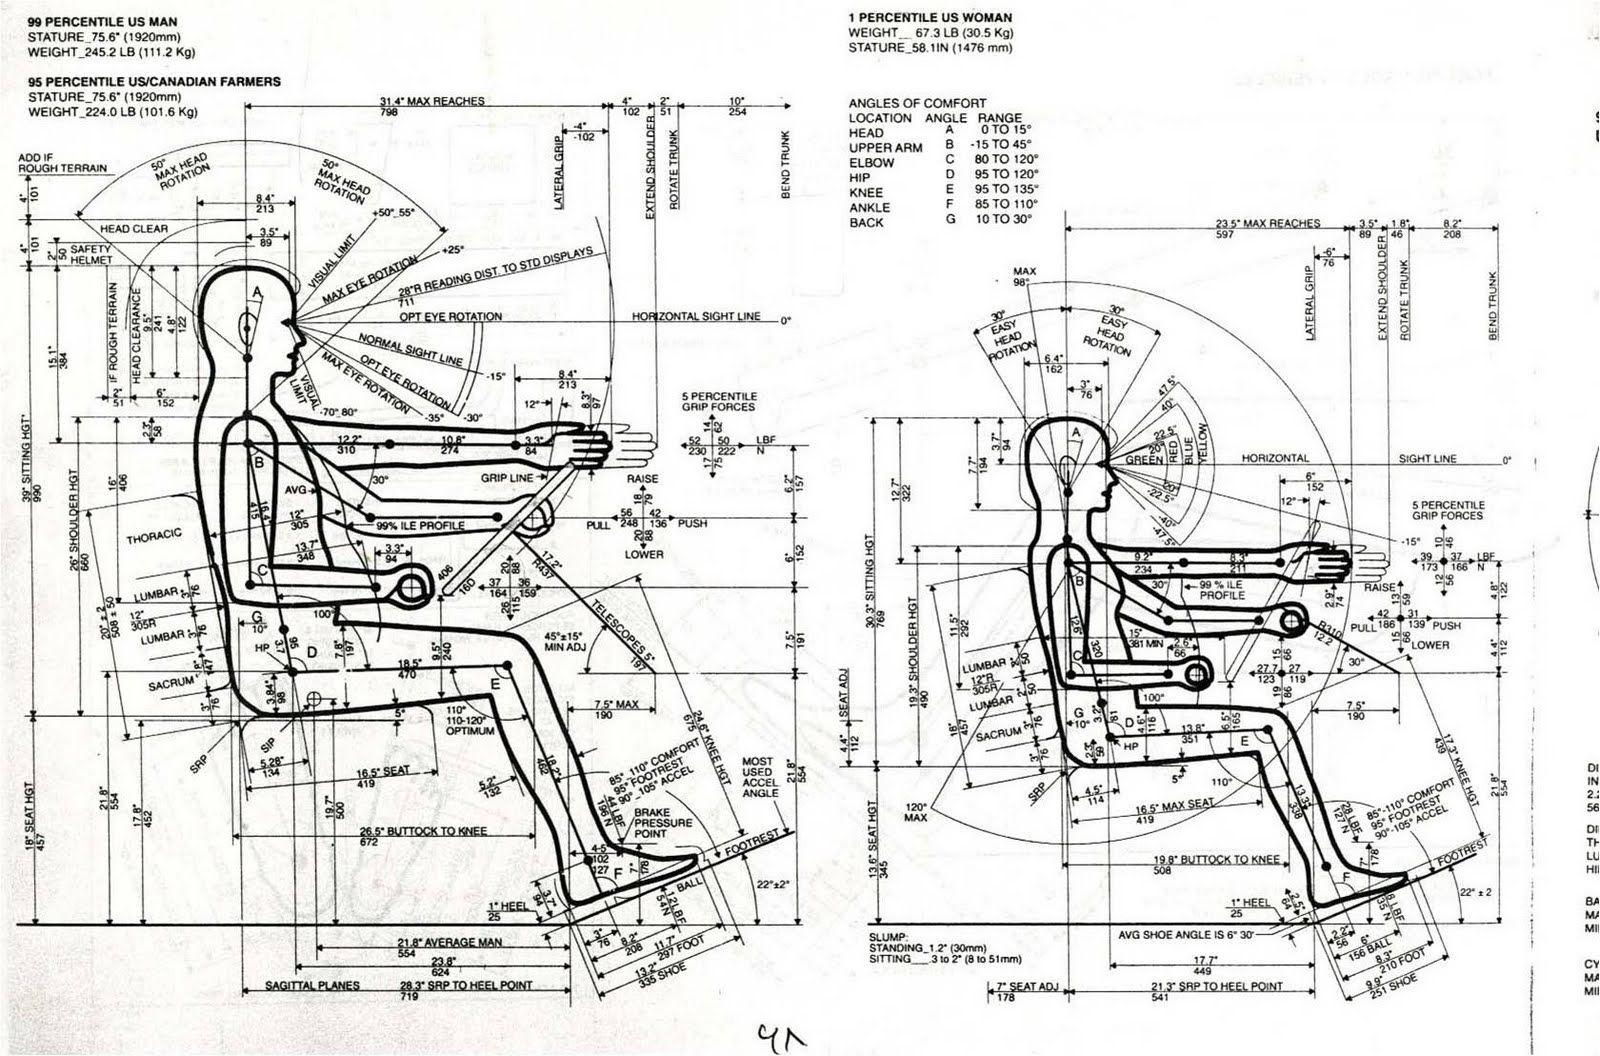 ergonomic chair criteria là gì seat ergonomics google search magna001 pinterest